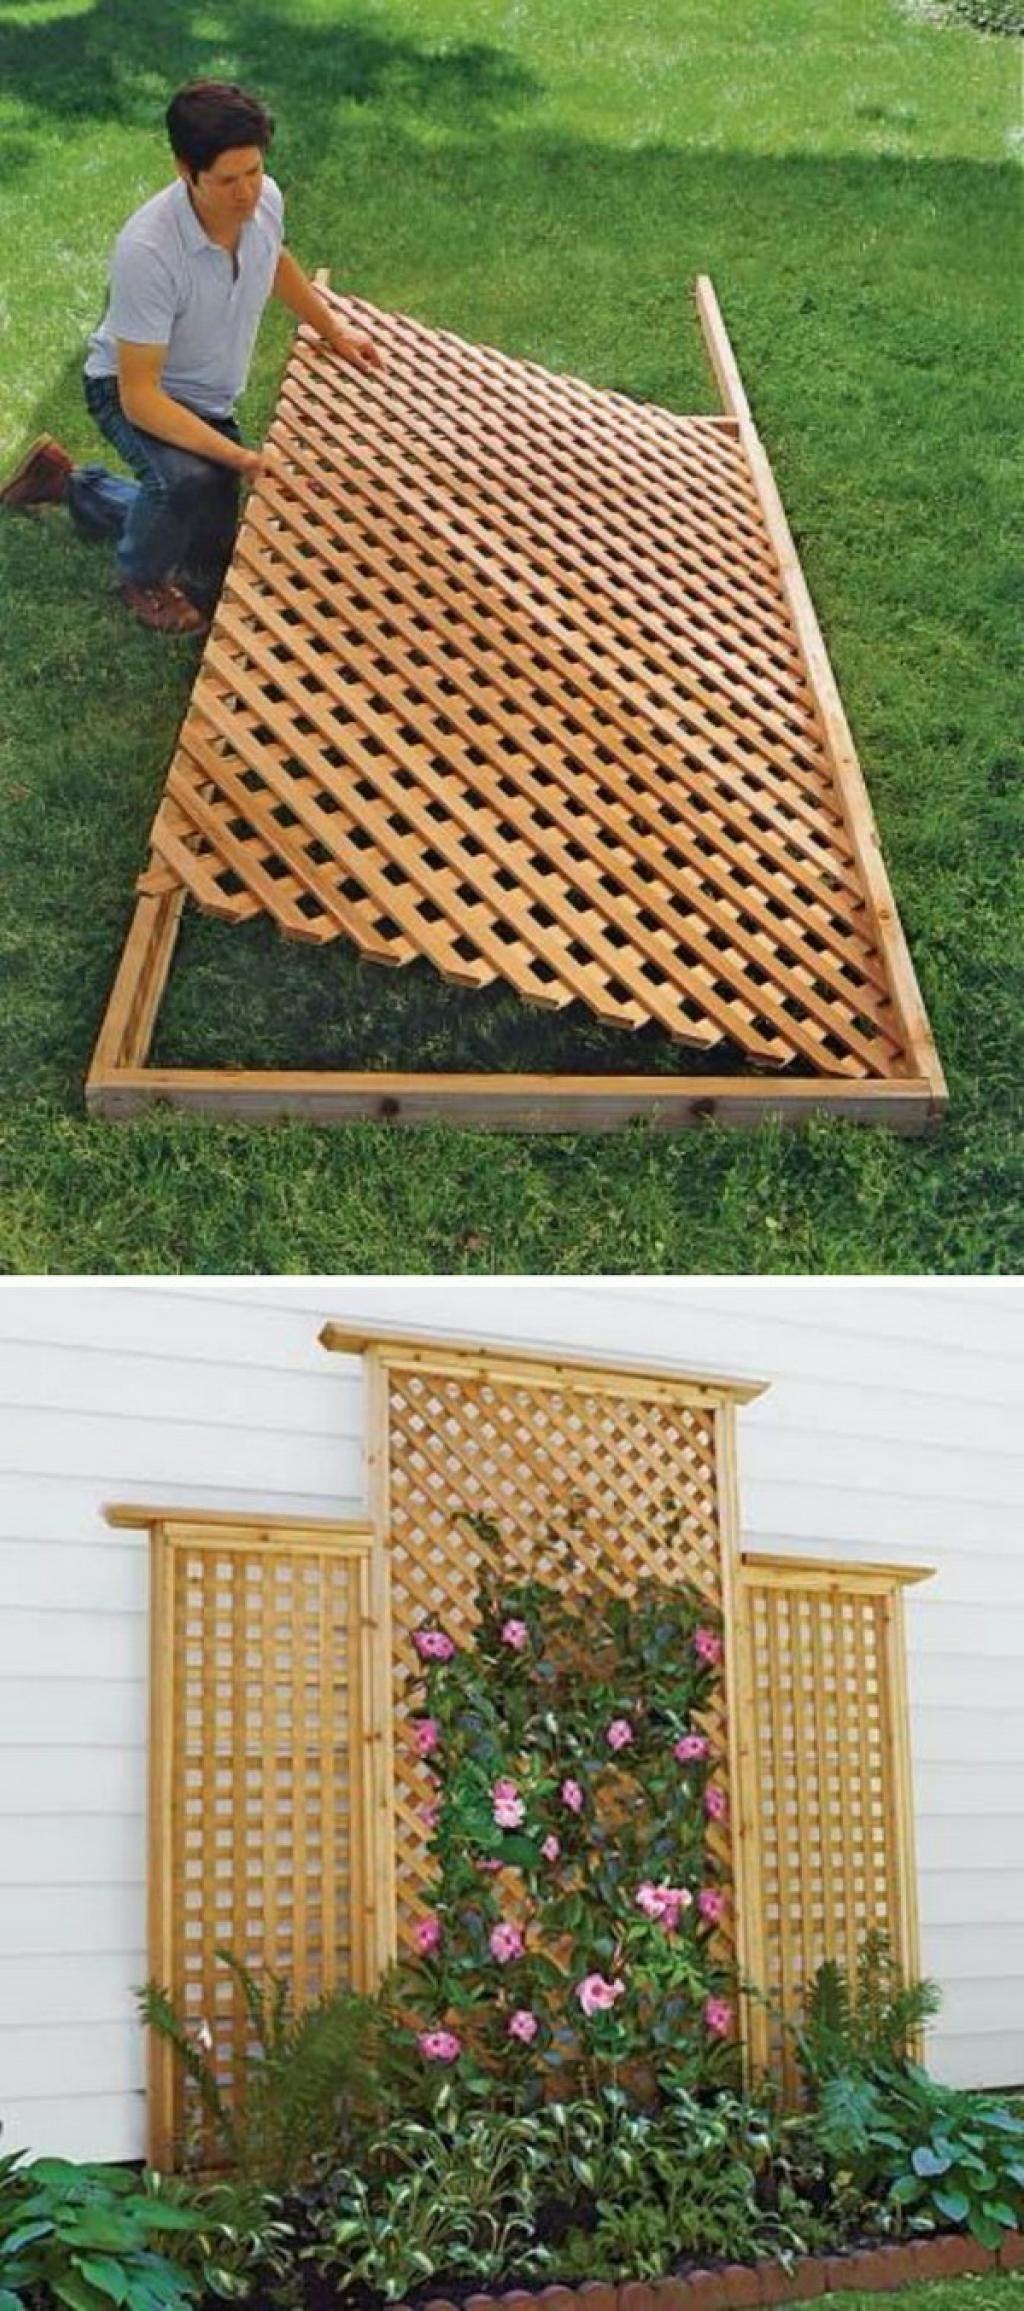 32 Ingenieuses Facons De Creer Votre Treillis De Jardin Avec Du Materiel Que Vous Avez Sous La Main Treillis Jardin Deco Exterieur Jardin Jardins